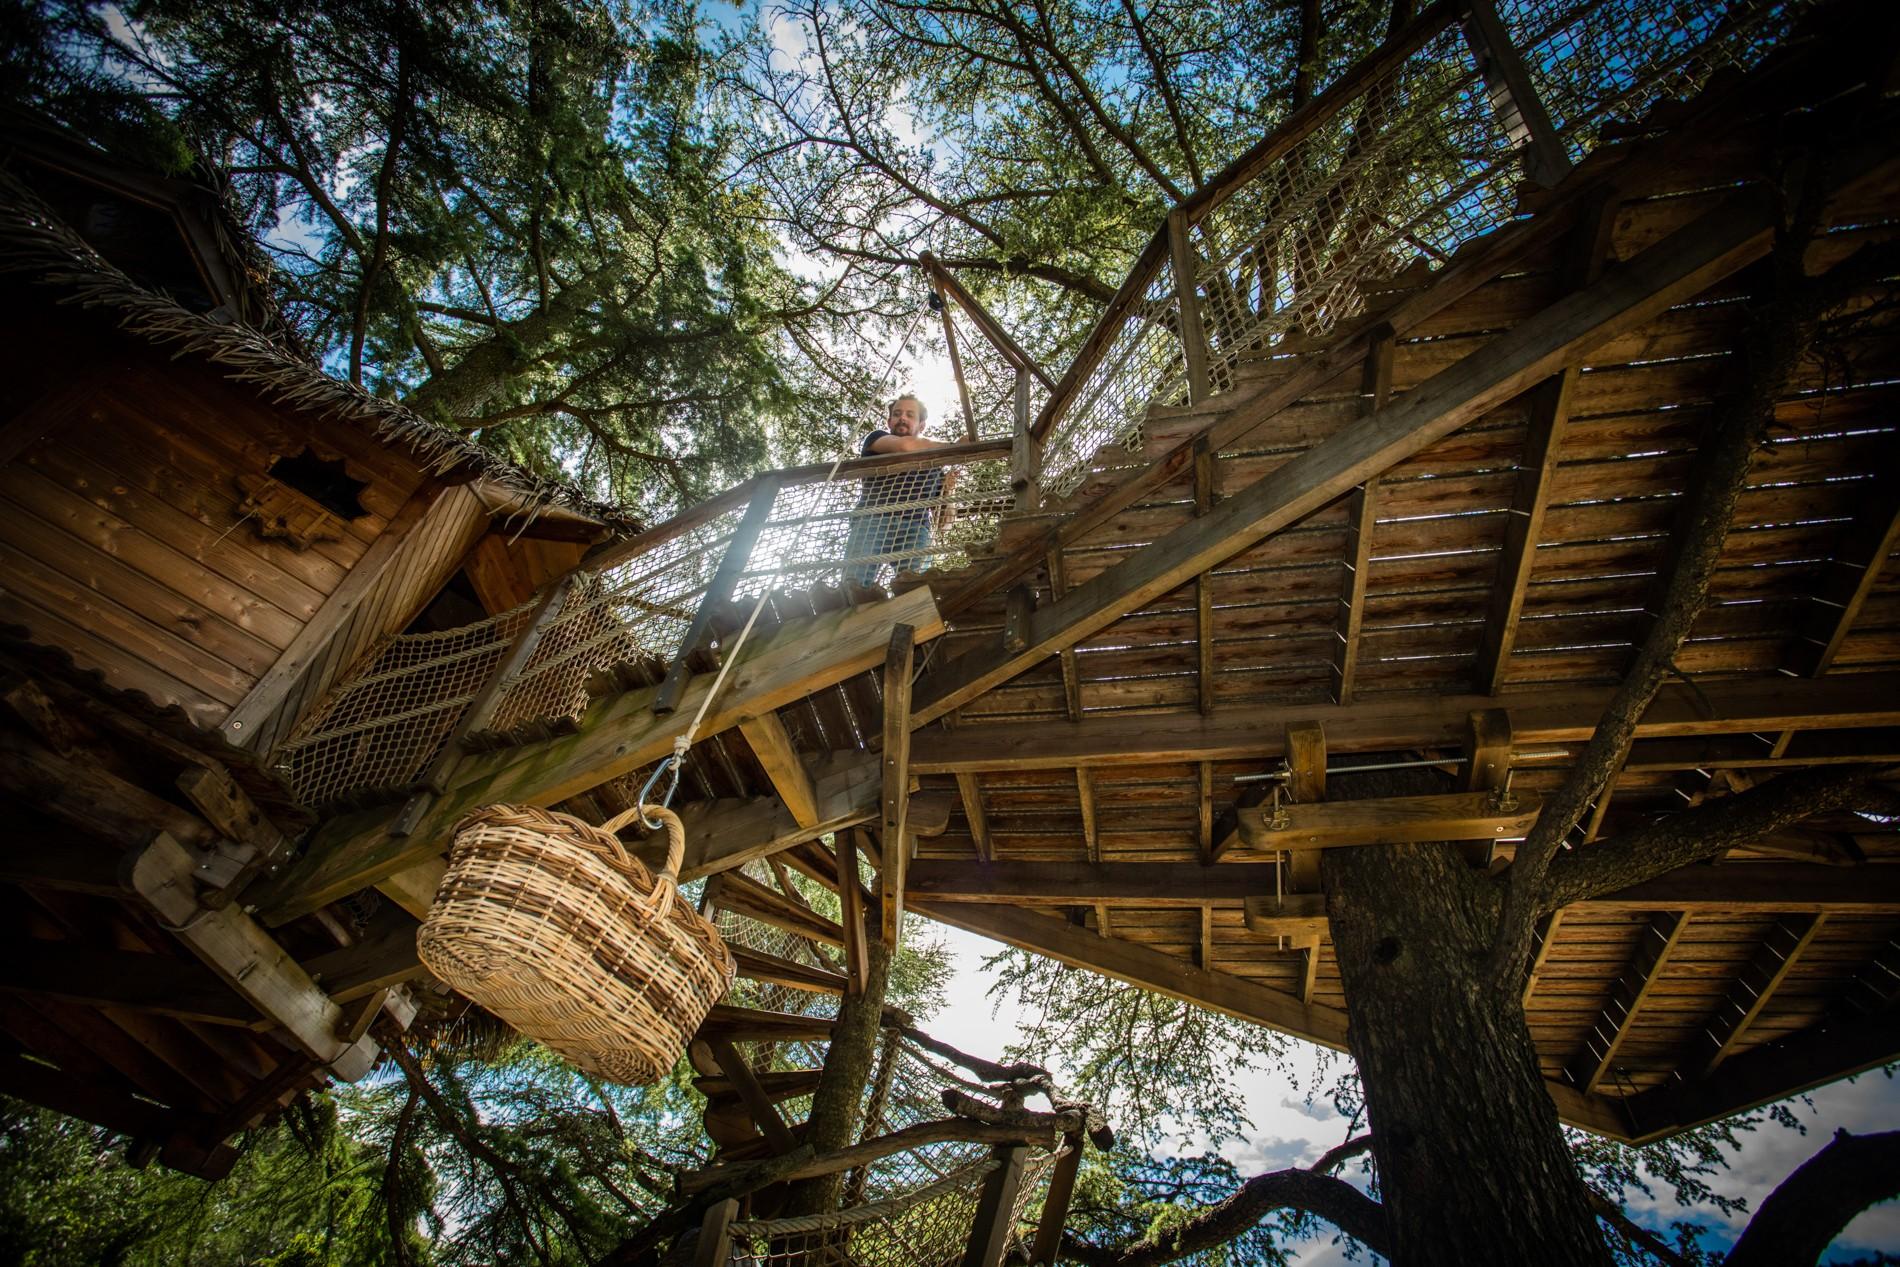 Photo 20 extérieur - cabane dans les arbres - Oenotourisme Montpellier - Famille et nature - Domaine saint Jean de l'Arbousier, Castries, Hérault